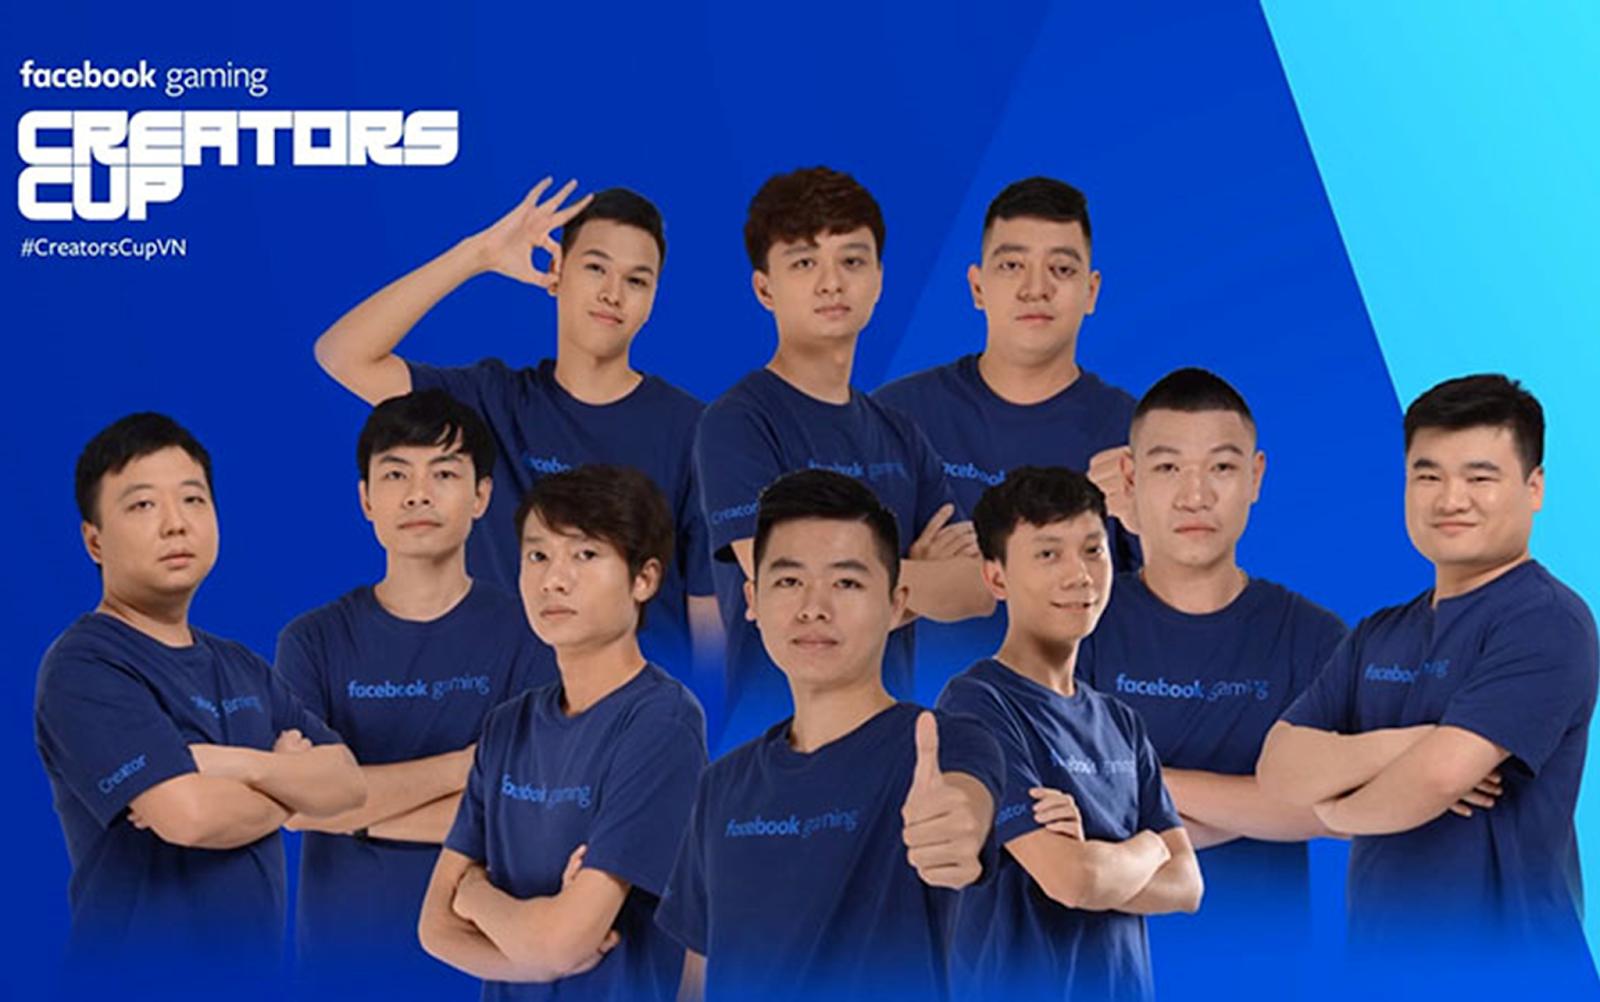 Vòng 11 và 12 giải đấu AoE Facebook Gaming Creators Cup 2019: Bảng xếp hạng không có sự thay đổi